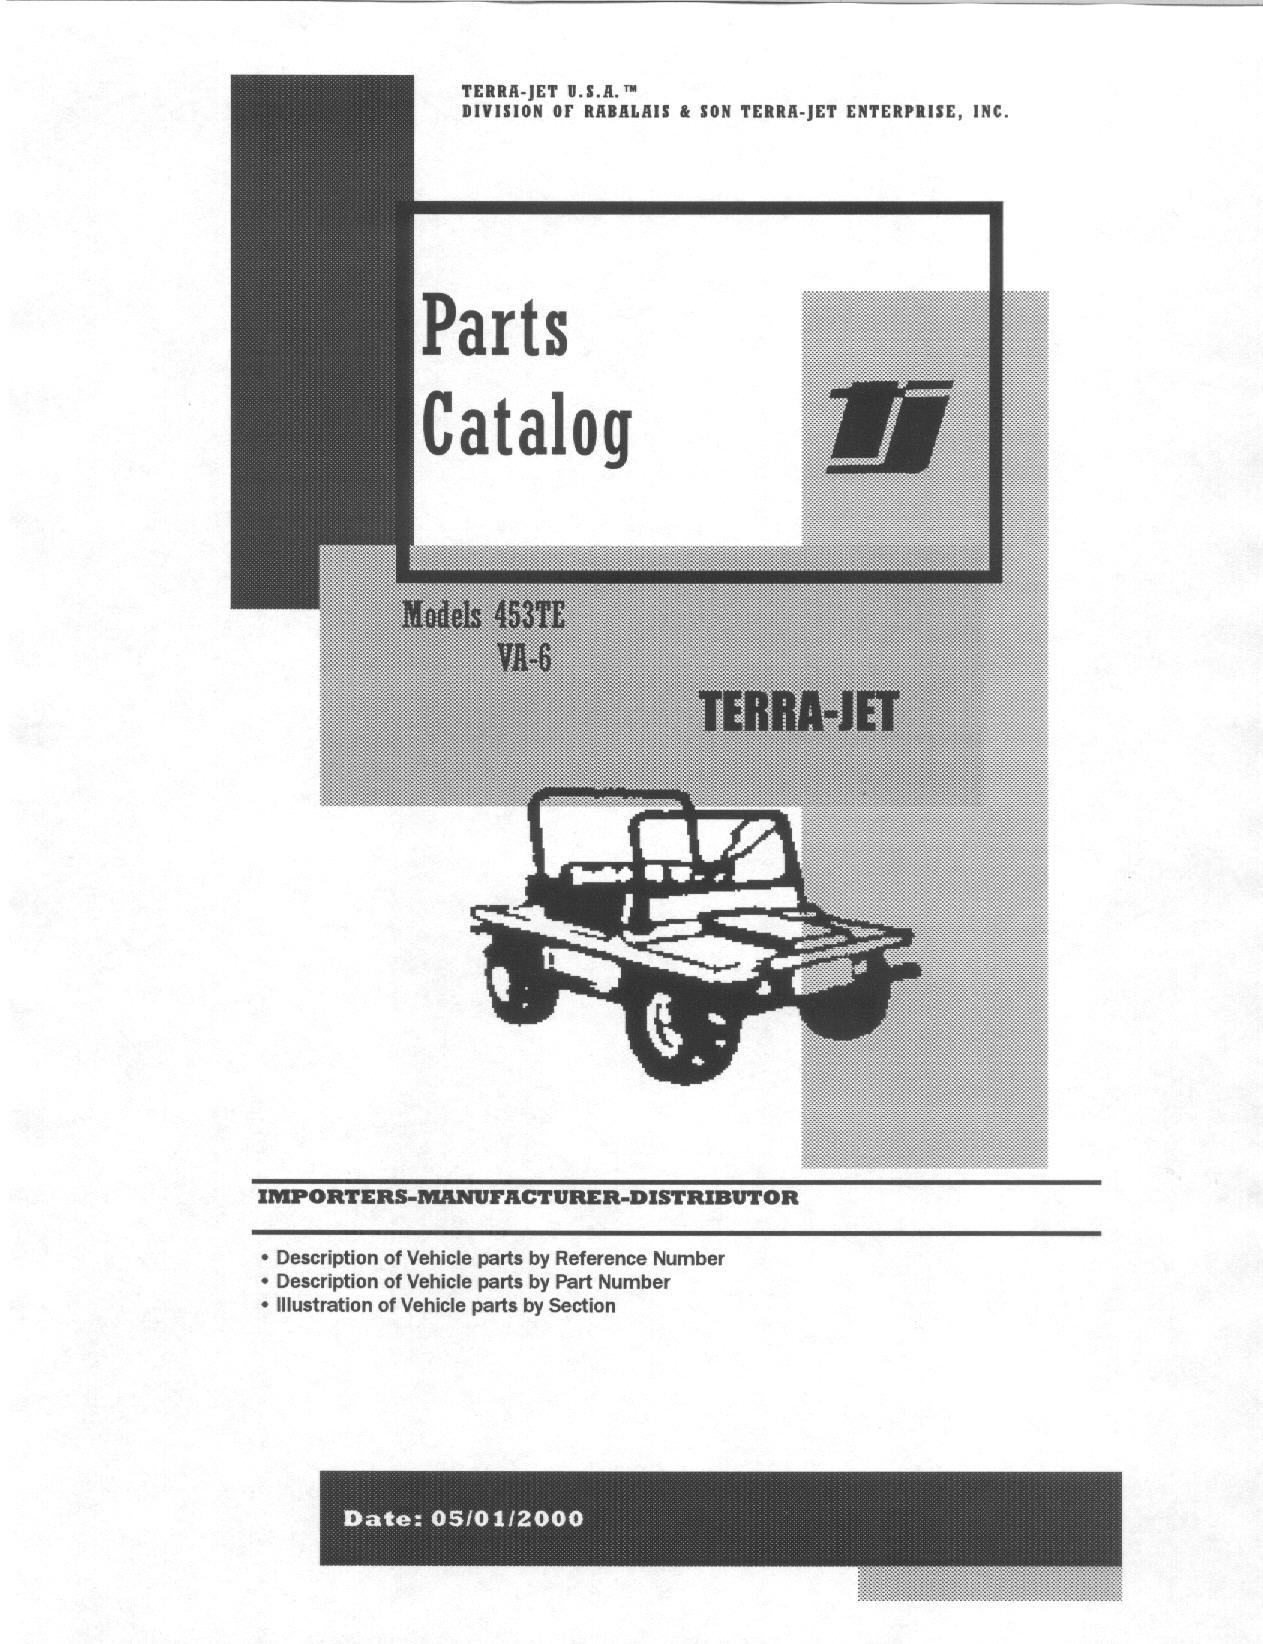 Terra-Jet Parts Catalogs